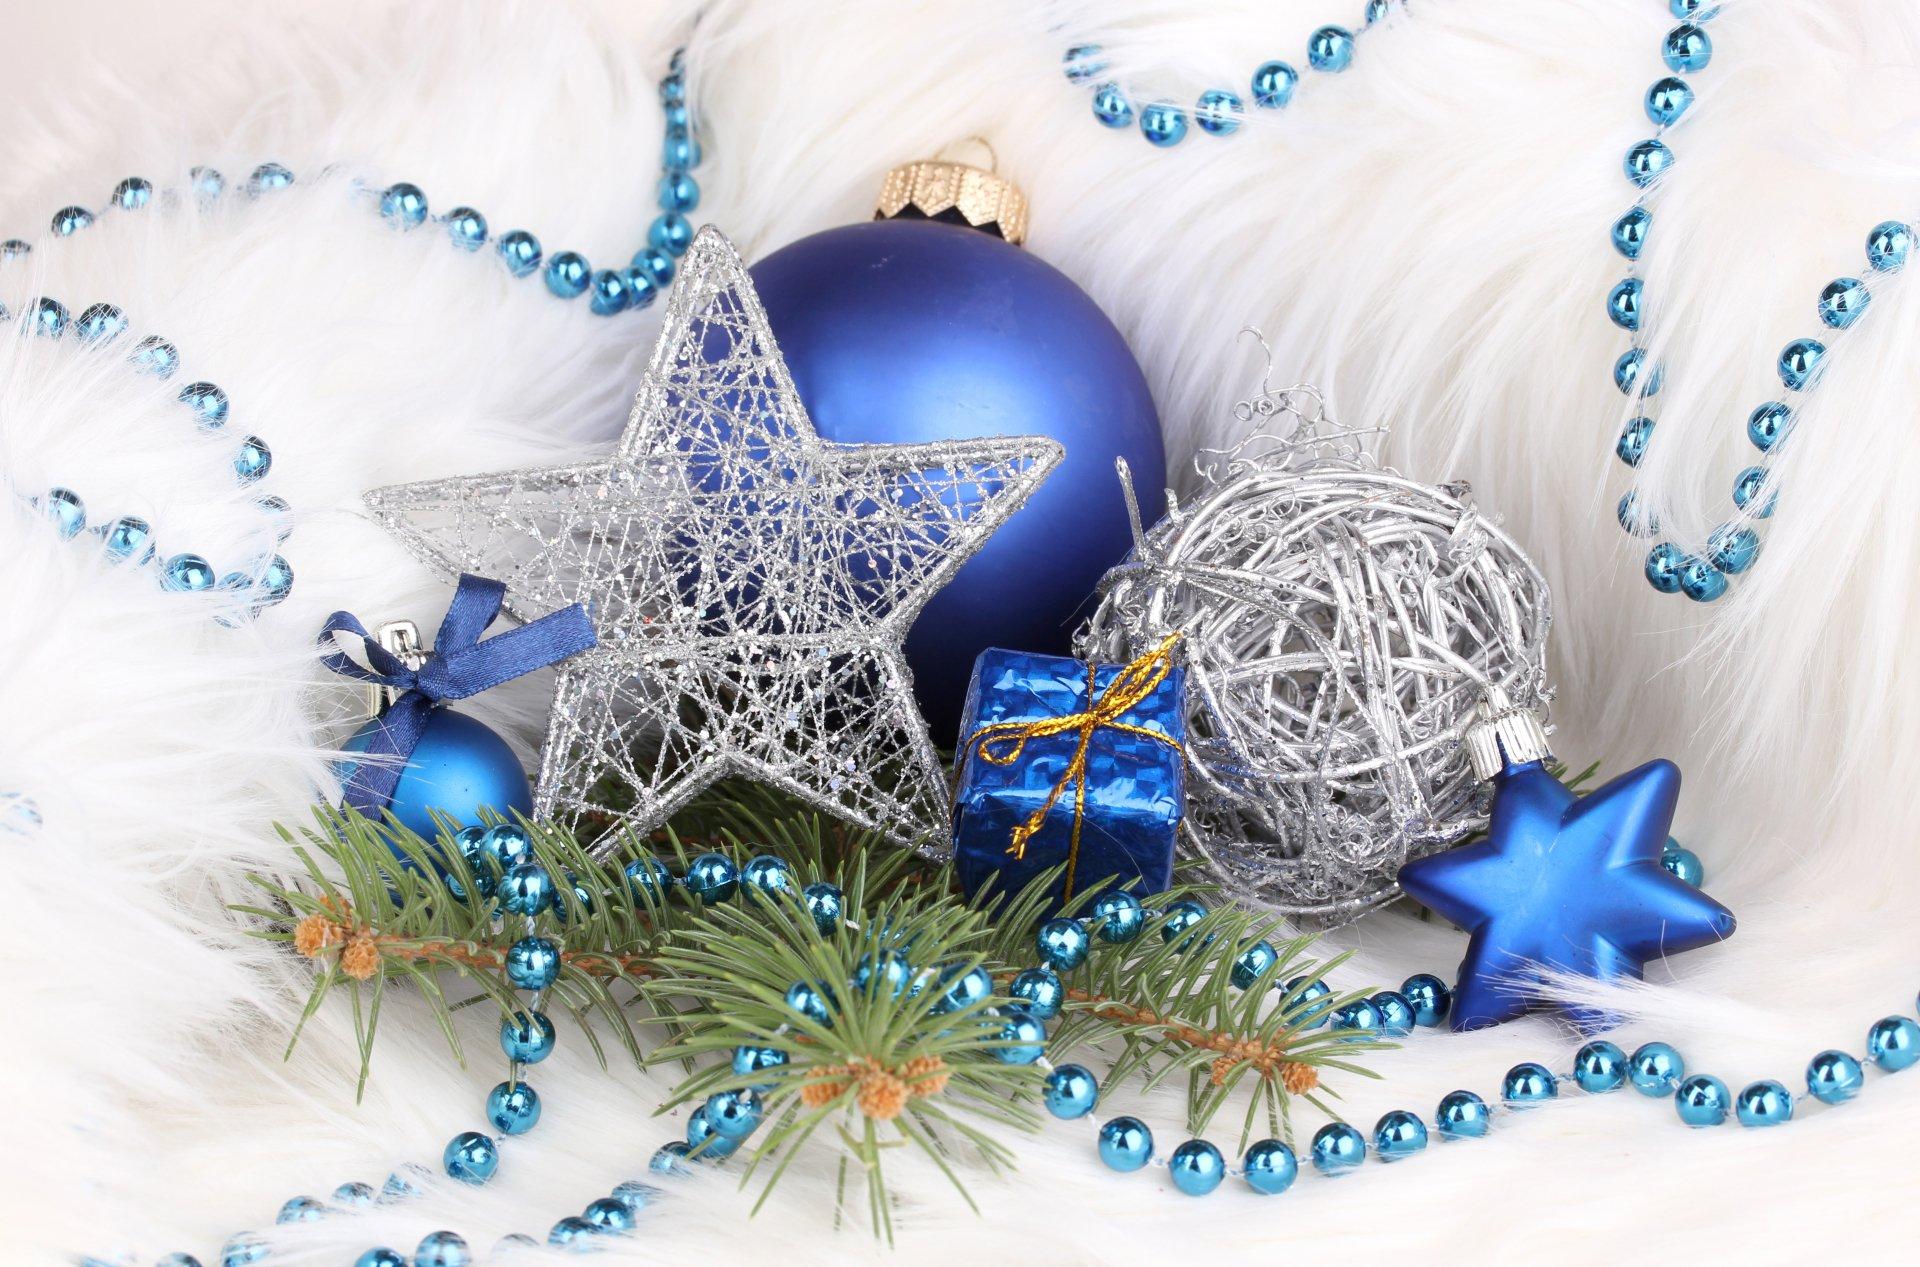 Noël 5k Retina Ultra Fond d'écran HD | Arrière-Plan | 6496x4287 | ID:668501 - Wallpaper Abyss